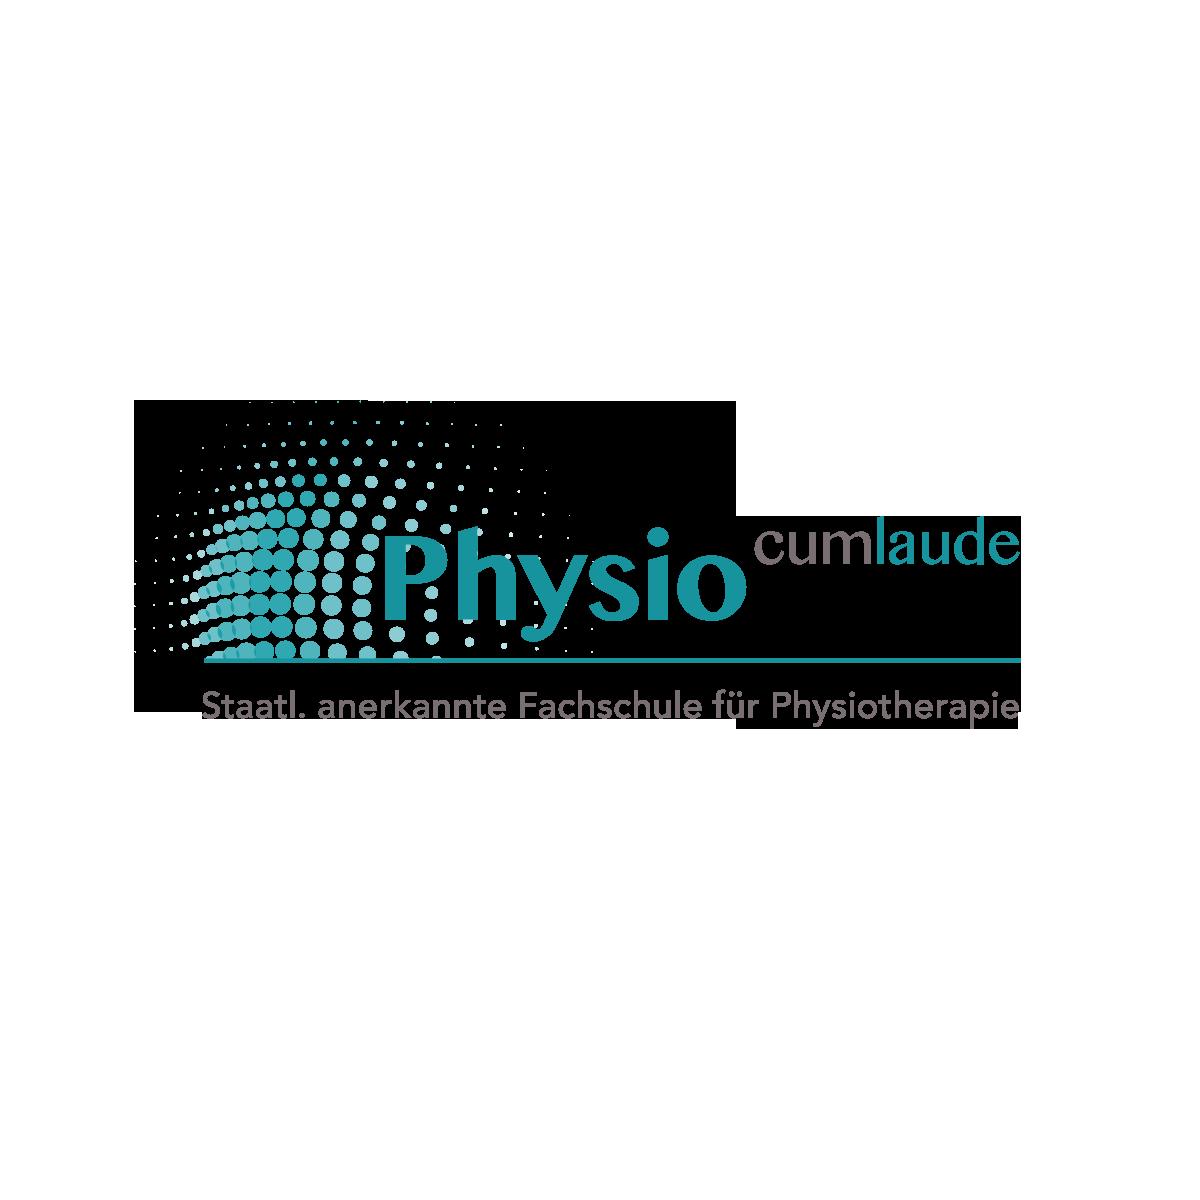 PHYSIOCUM LAUDE – Gesellschaft für medizinale Schulungseinrichtungen mbH